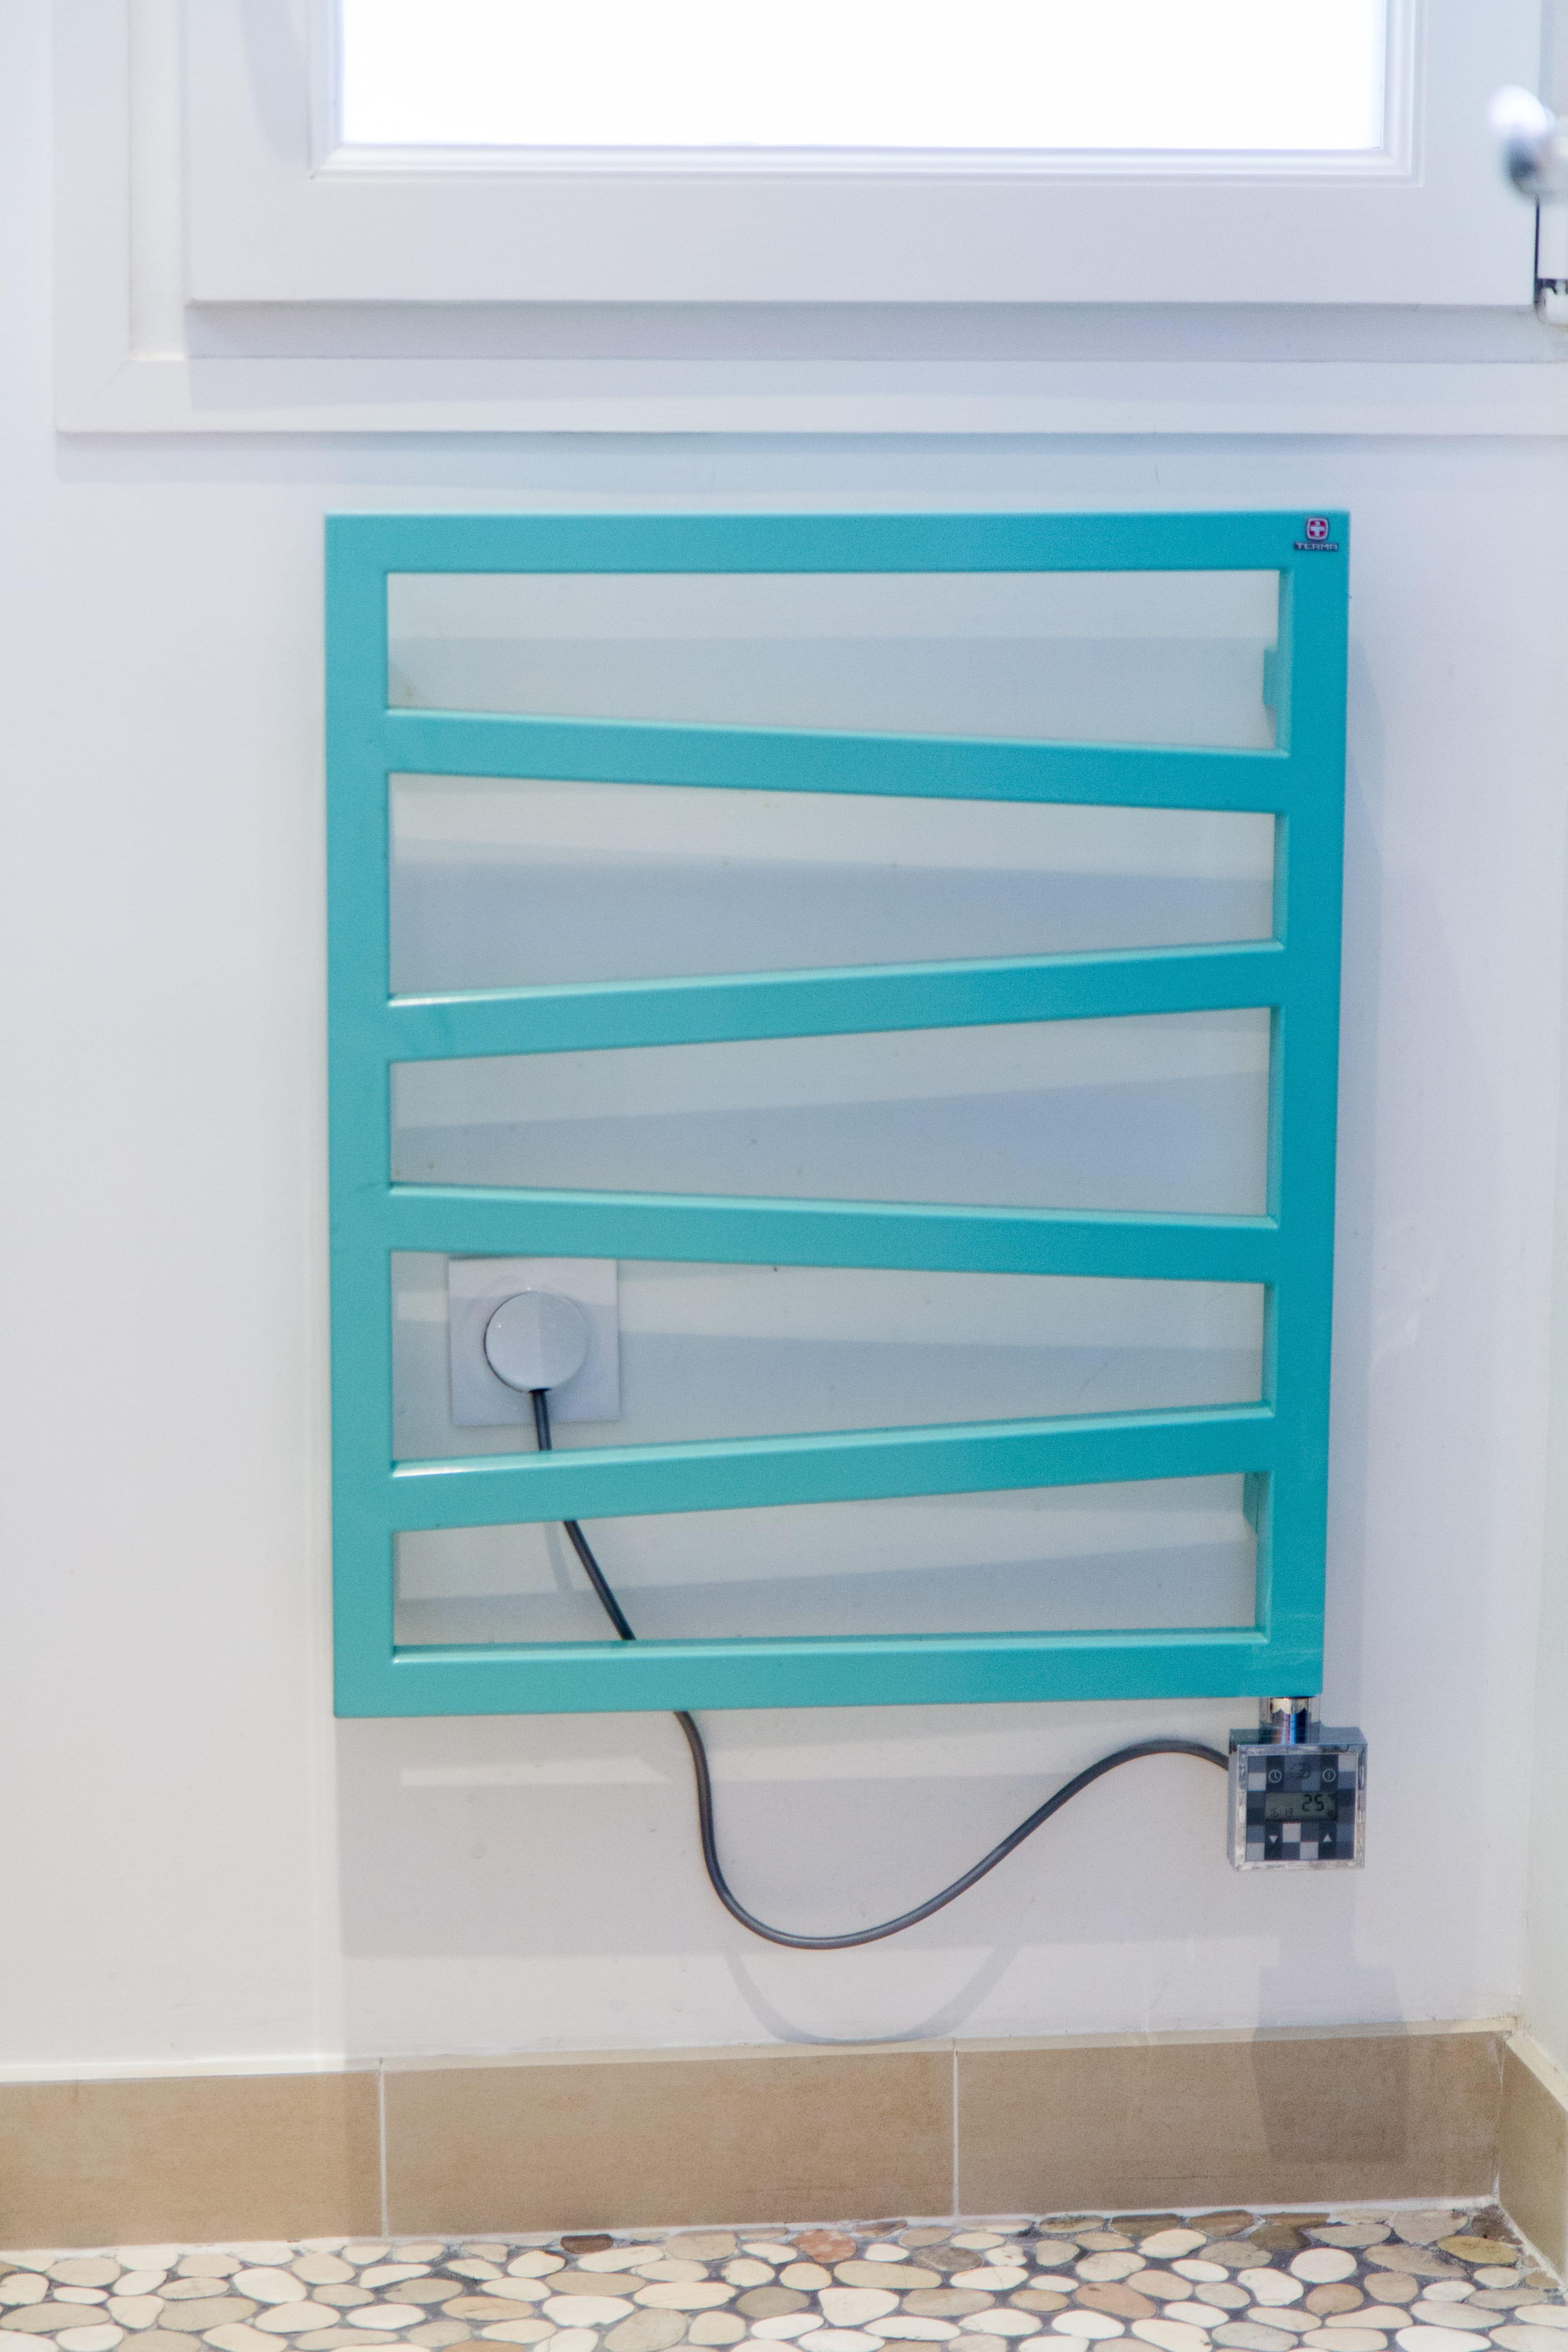 Un s che serviettes turquoise bleu turquoise comment l 39 int grer dans - Journal des femmes deco ...